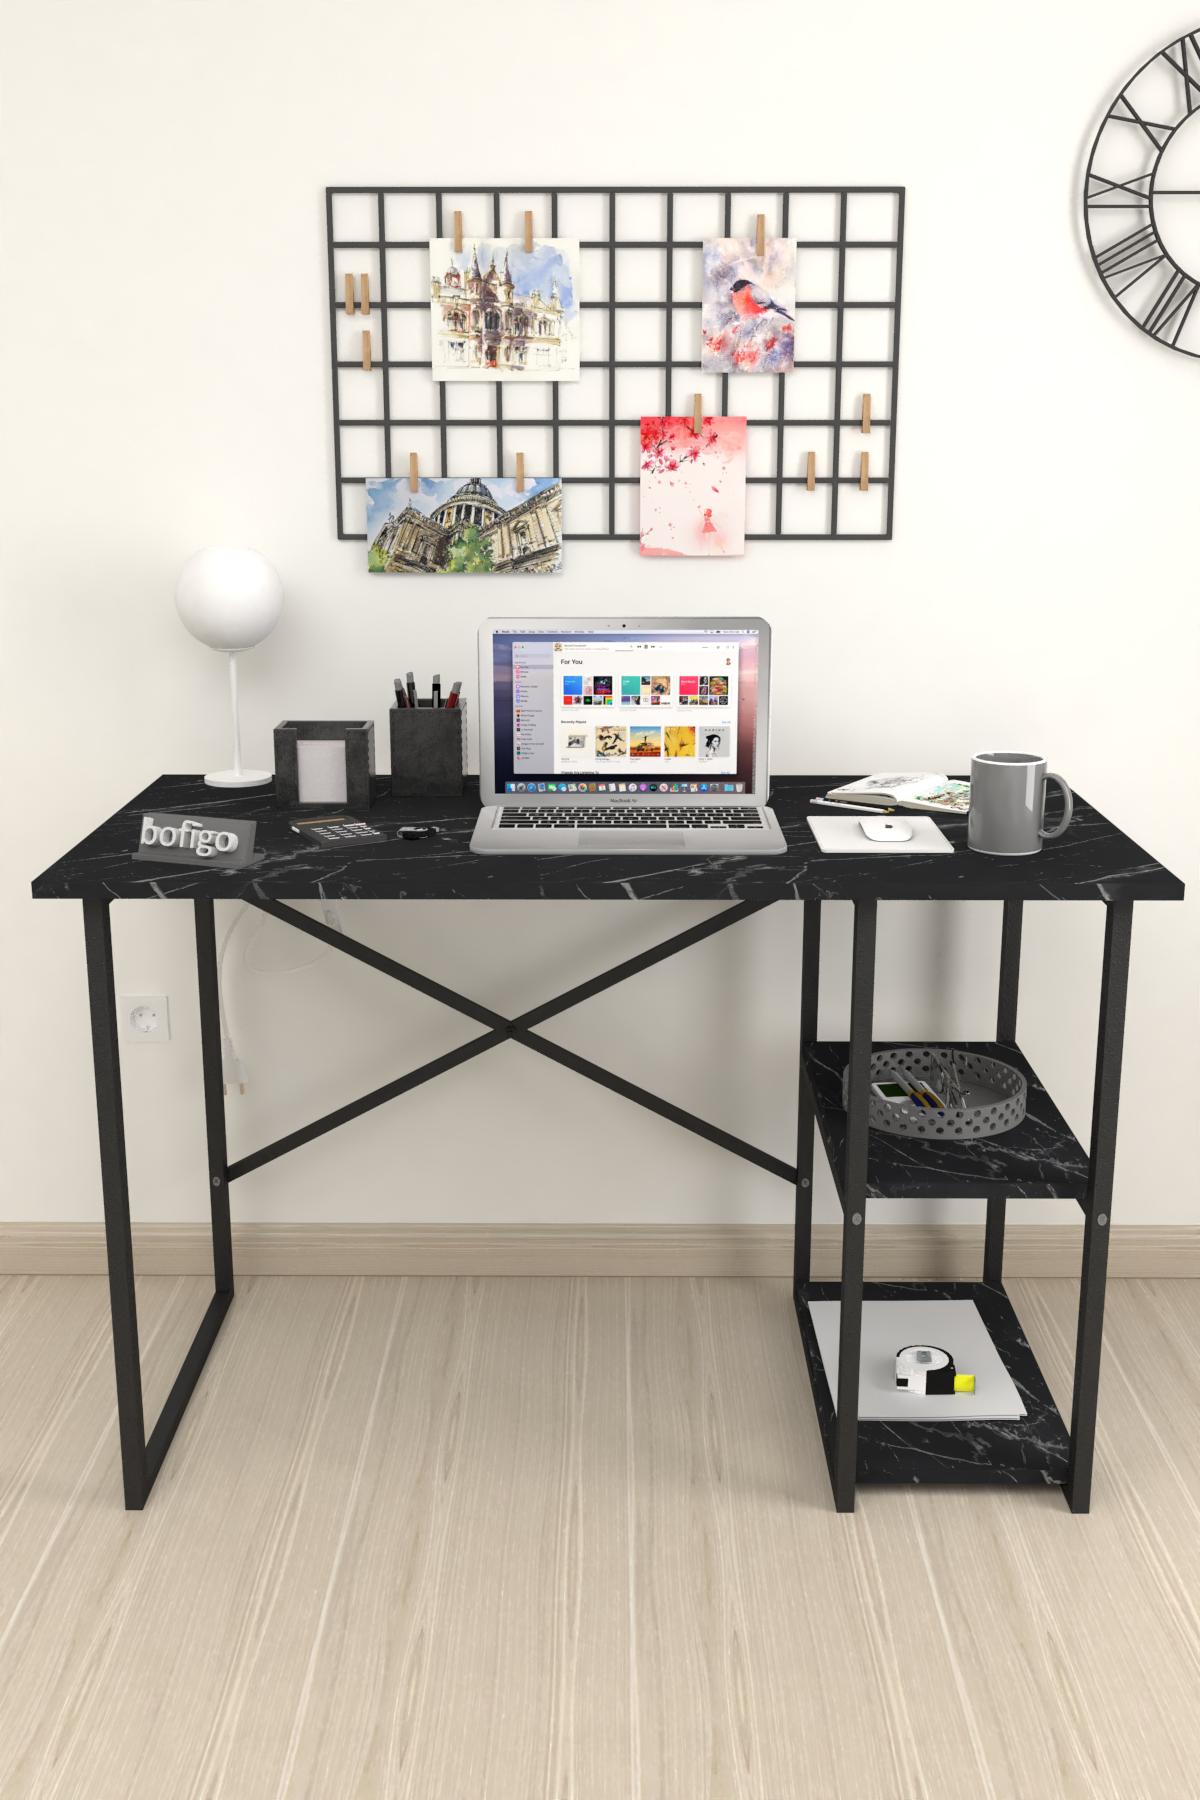 Bofigo 2 Shelf Desk 60x120 cm Bendir